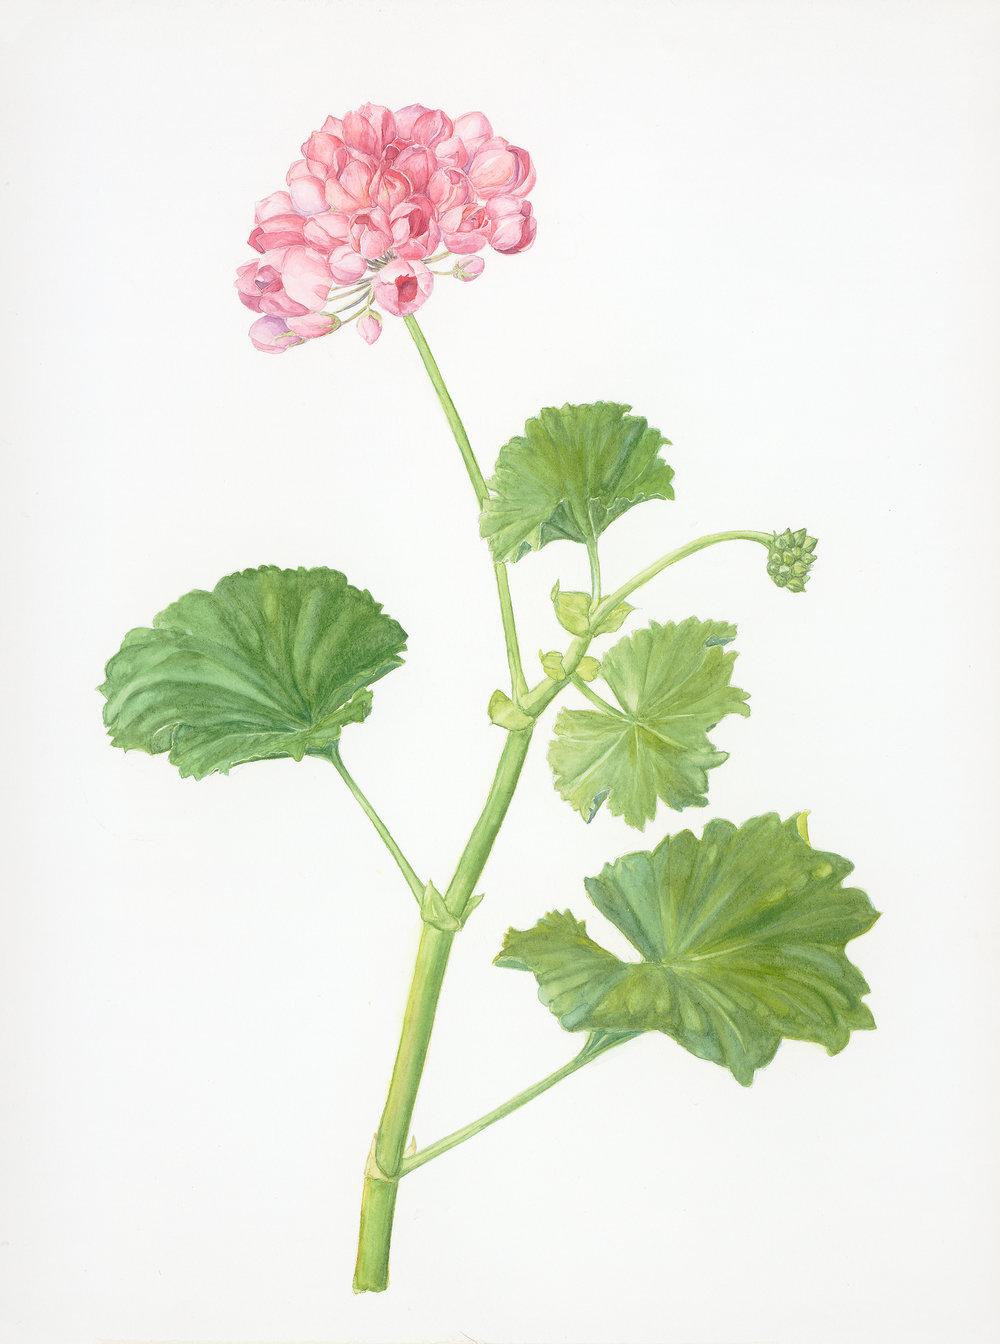 Geranium, Pelargonium